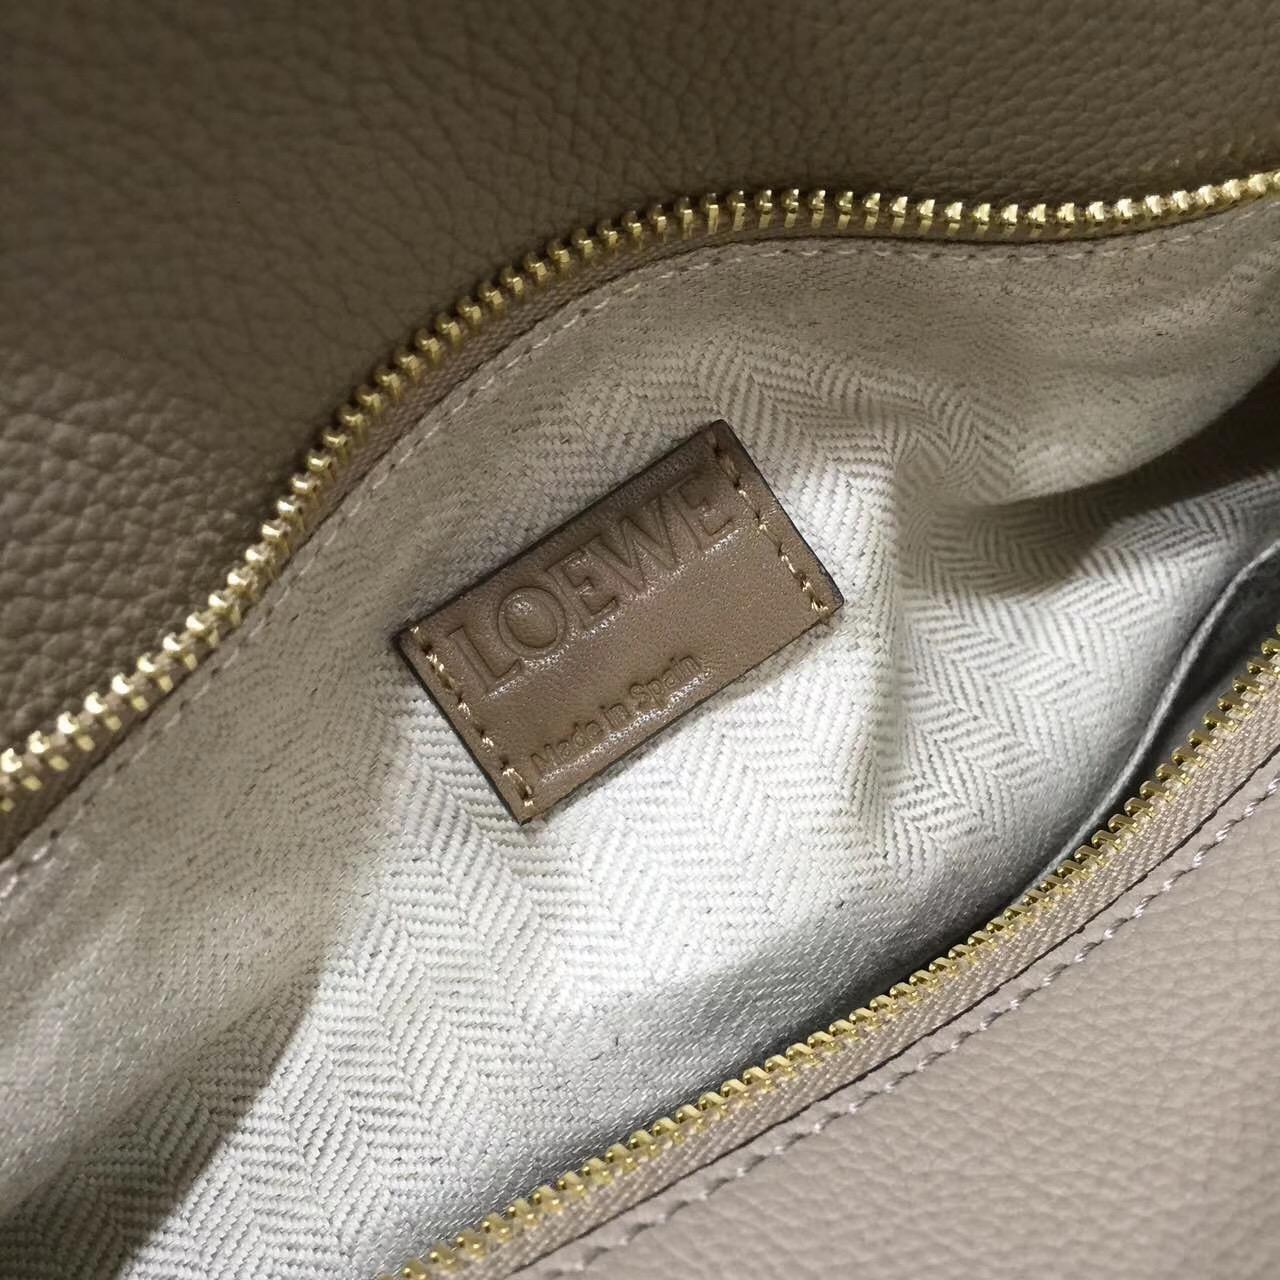 Loewe羅意威中號顆粒小牛皮 Puzzle Bag Sand/Mink Colour